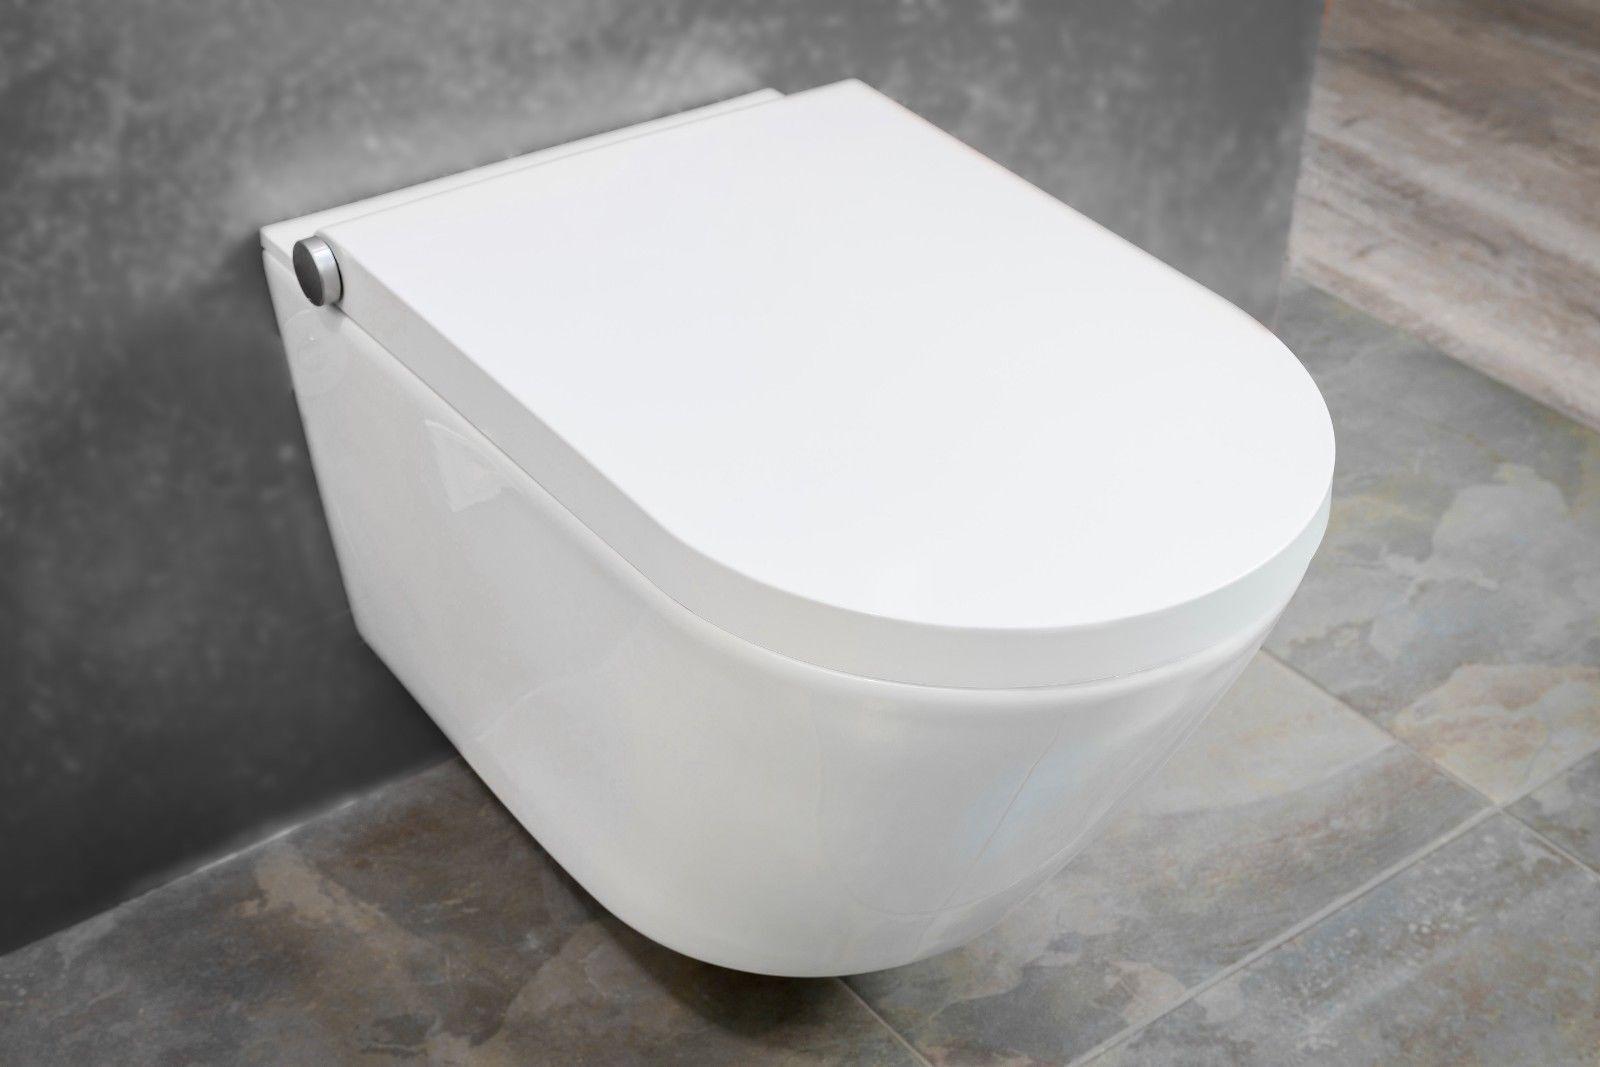 Dusch Wc Bidet Kombination Spülrandlos Komplettanlage Optimale Hygiene